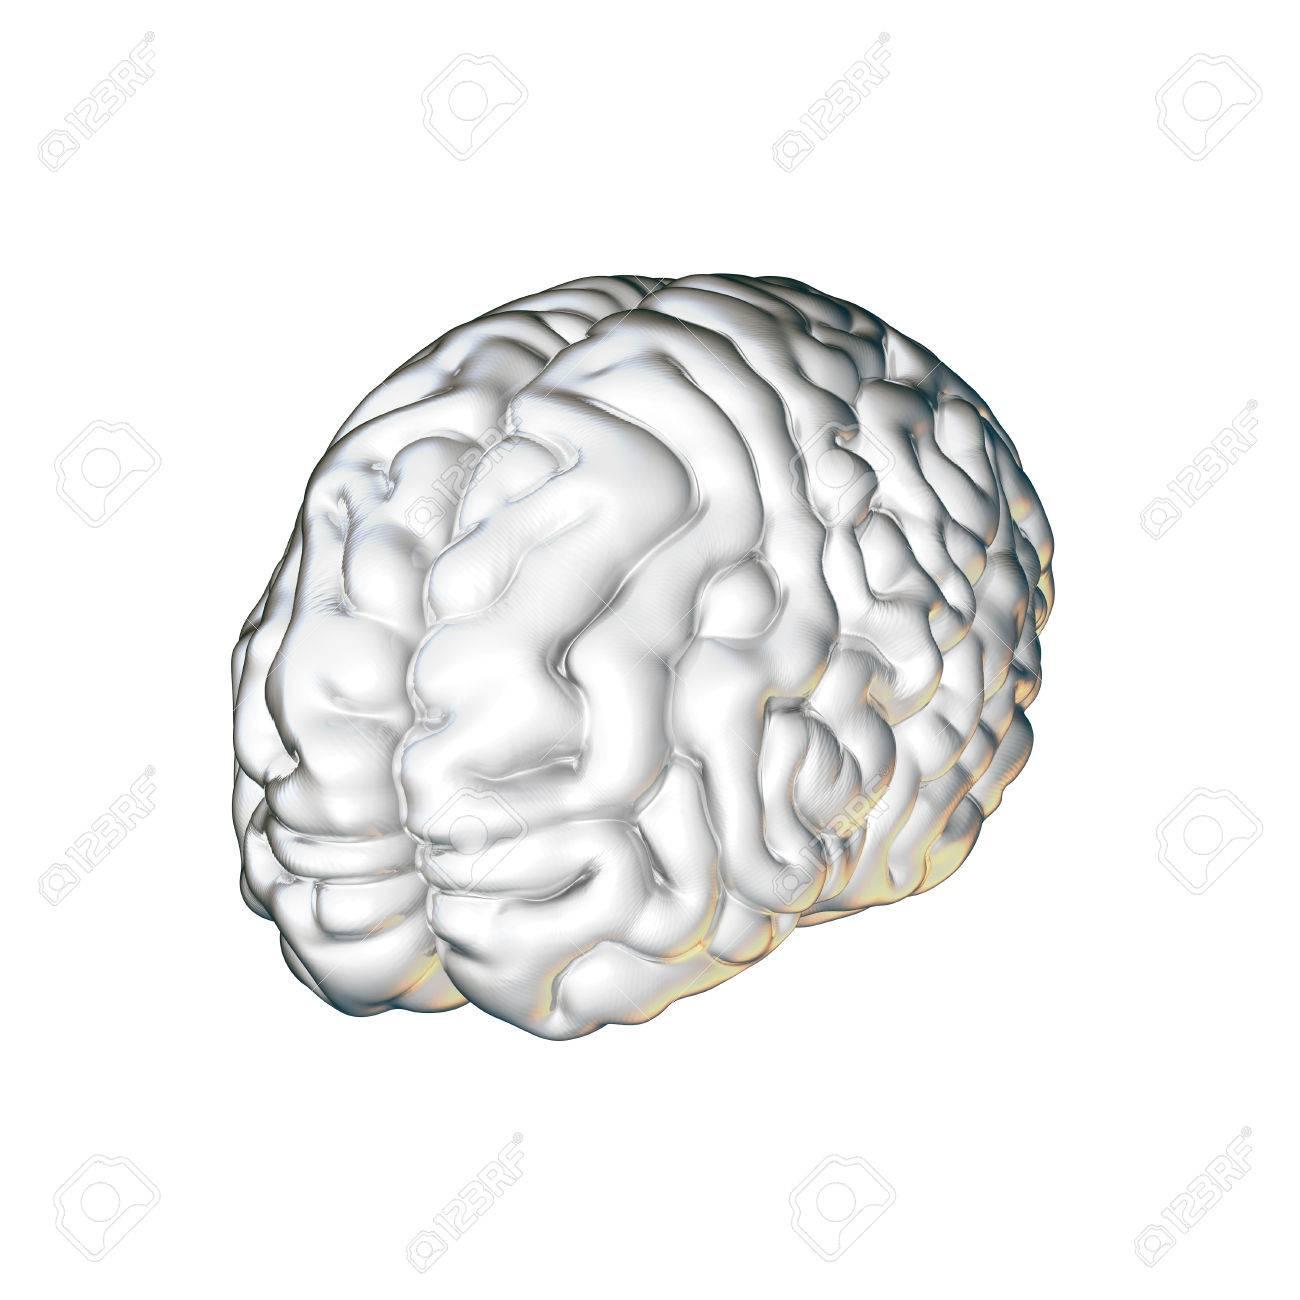 Nett Bild Des Gehirns Markiert Ideen - Anatomie Ideen - finotti.info